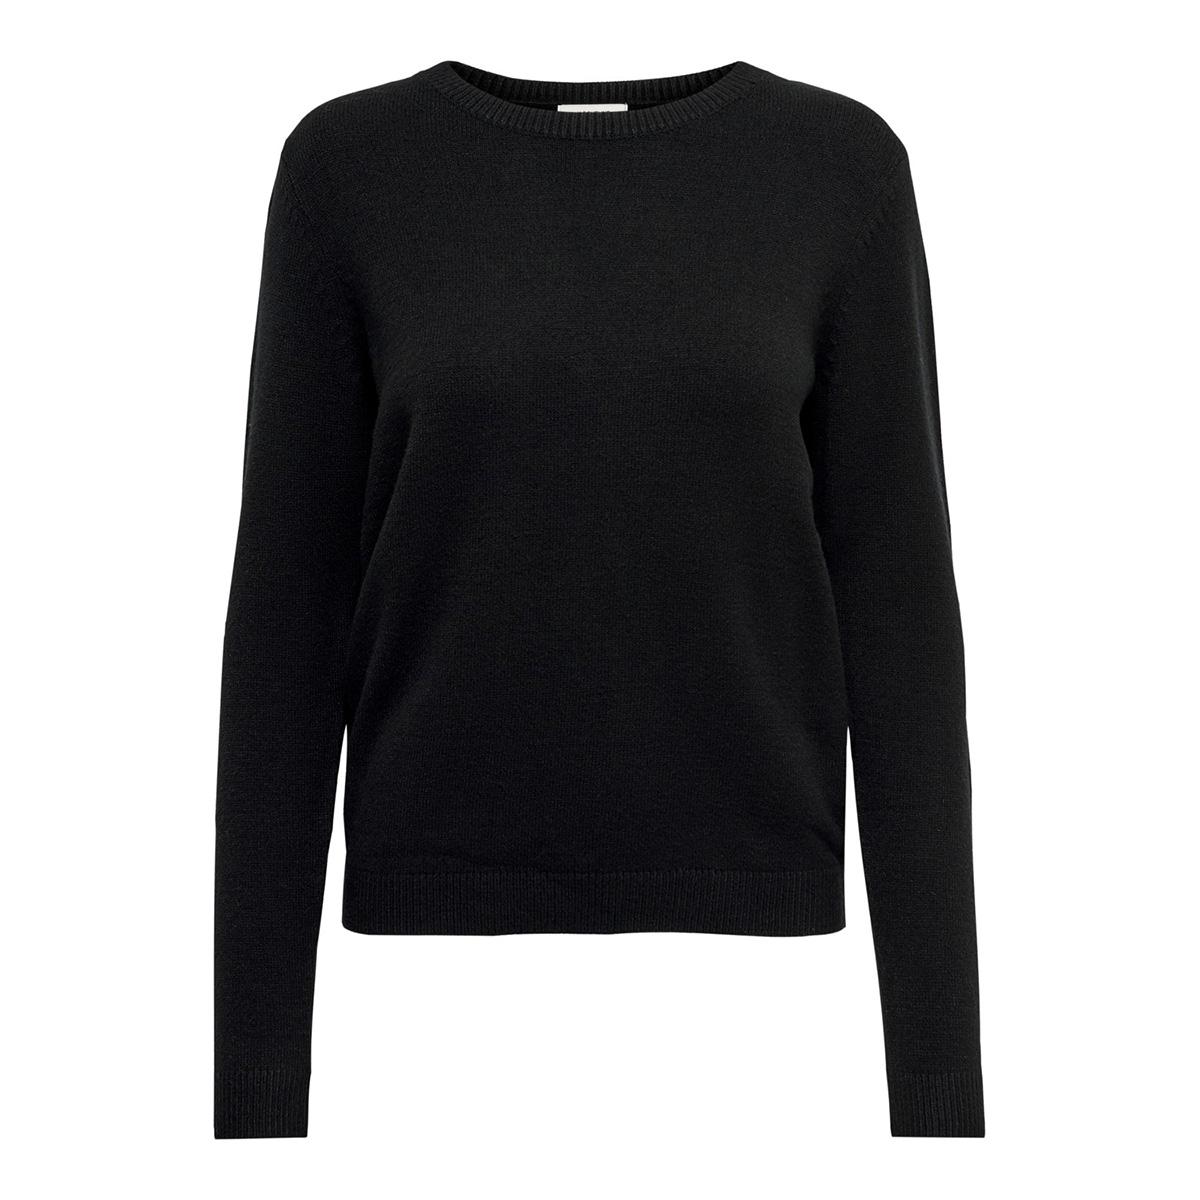 jdymarco l/s pullover knt noos 15185762 jacqueline de yong trui black